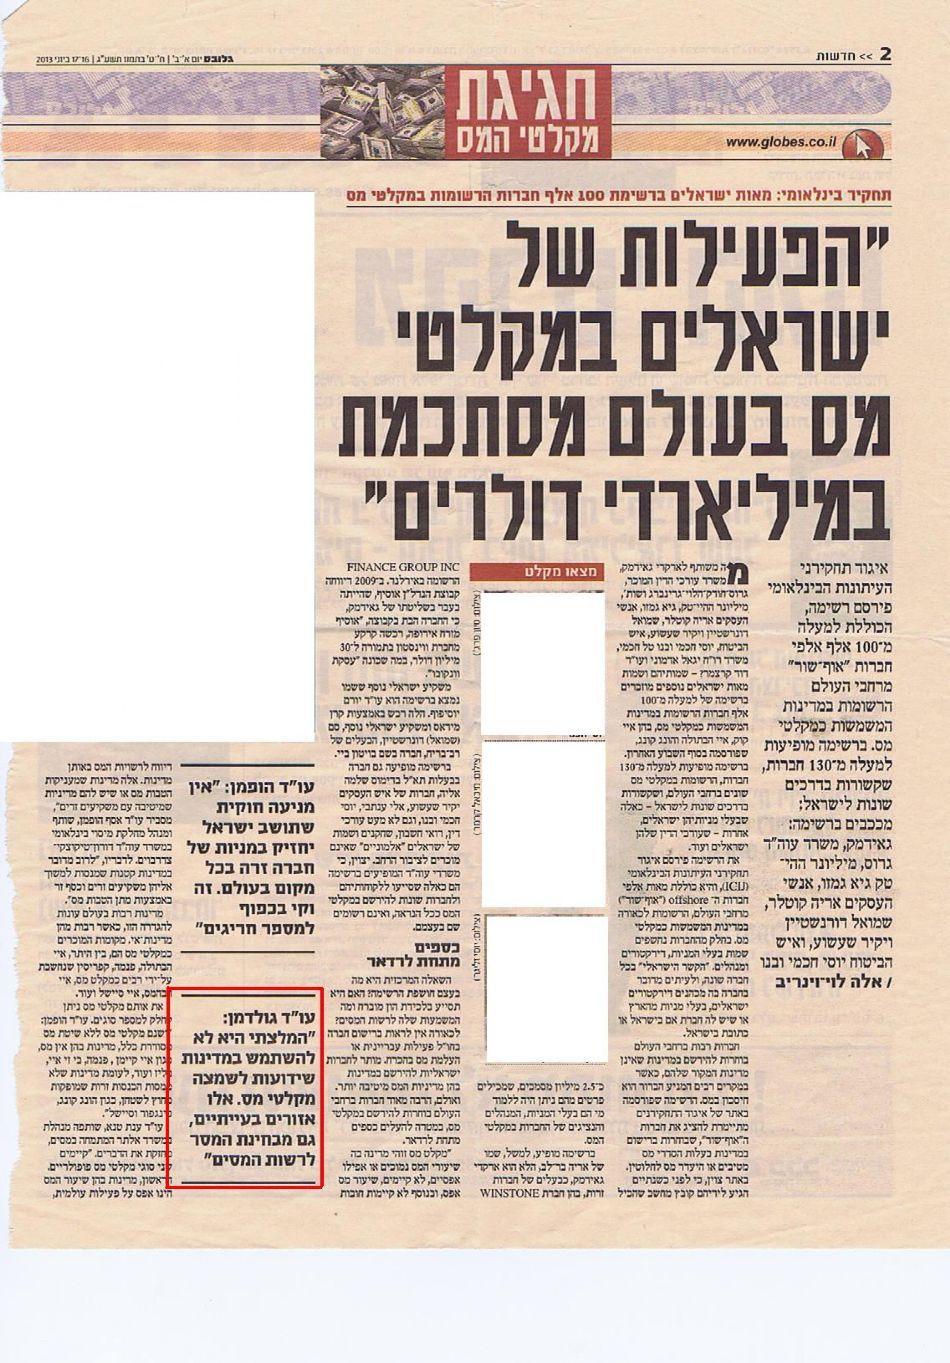 """חגיגת מקלטי המס- הפעילות של ישראלים במקלטי מס בעולם מסתכמת במיליארדי דולרים, עו""""ד דוד גולדמן"""